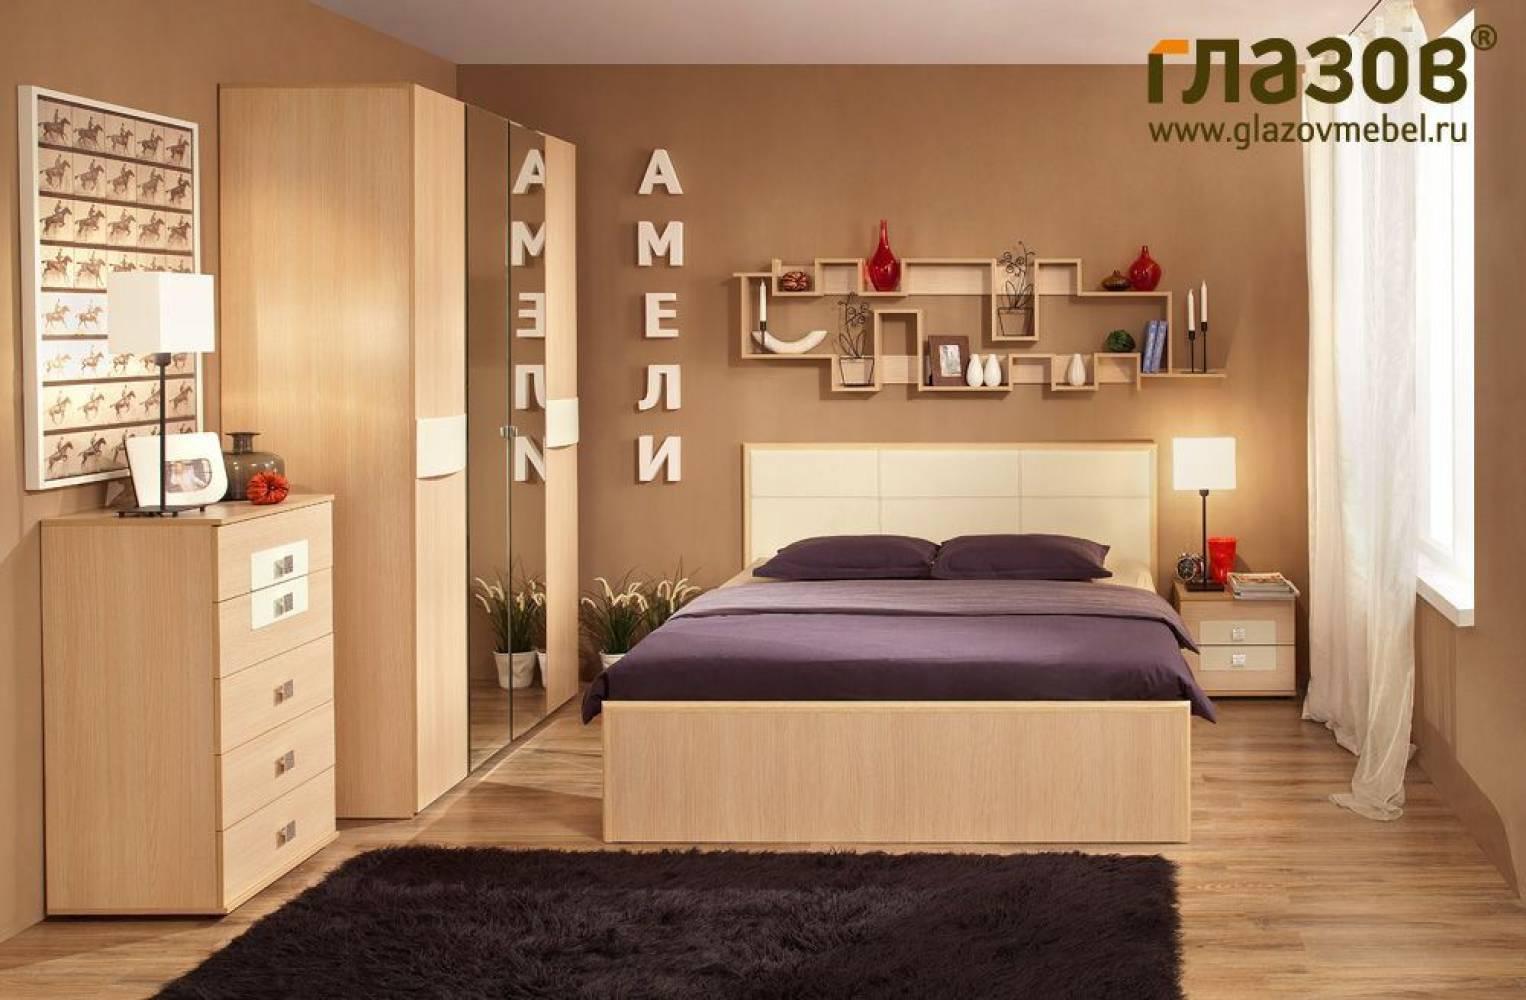 Спальня Амели Компоновка 3. Дуб отбеленный